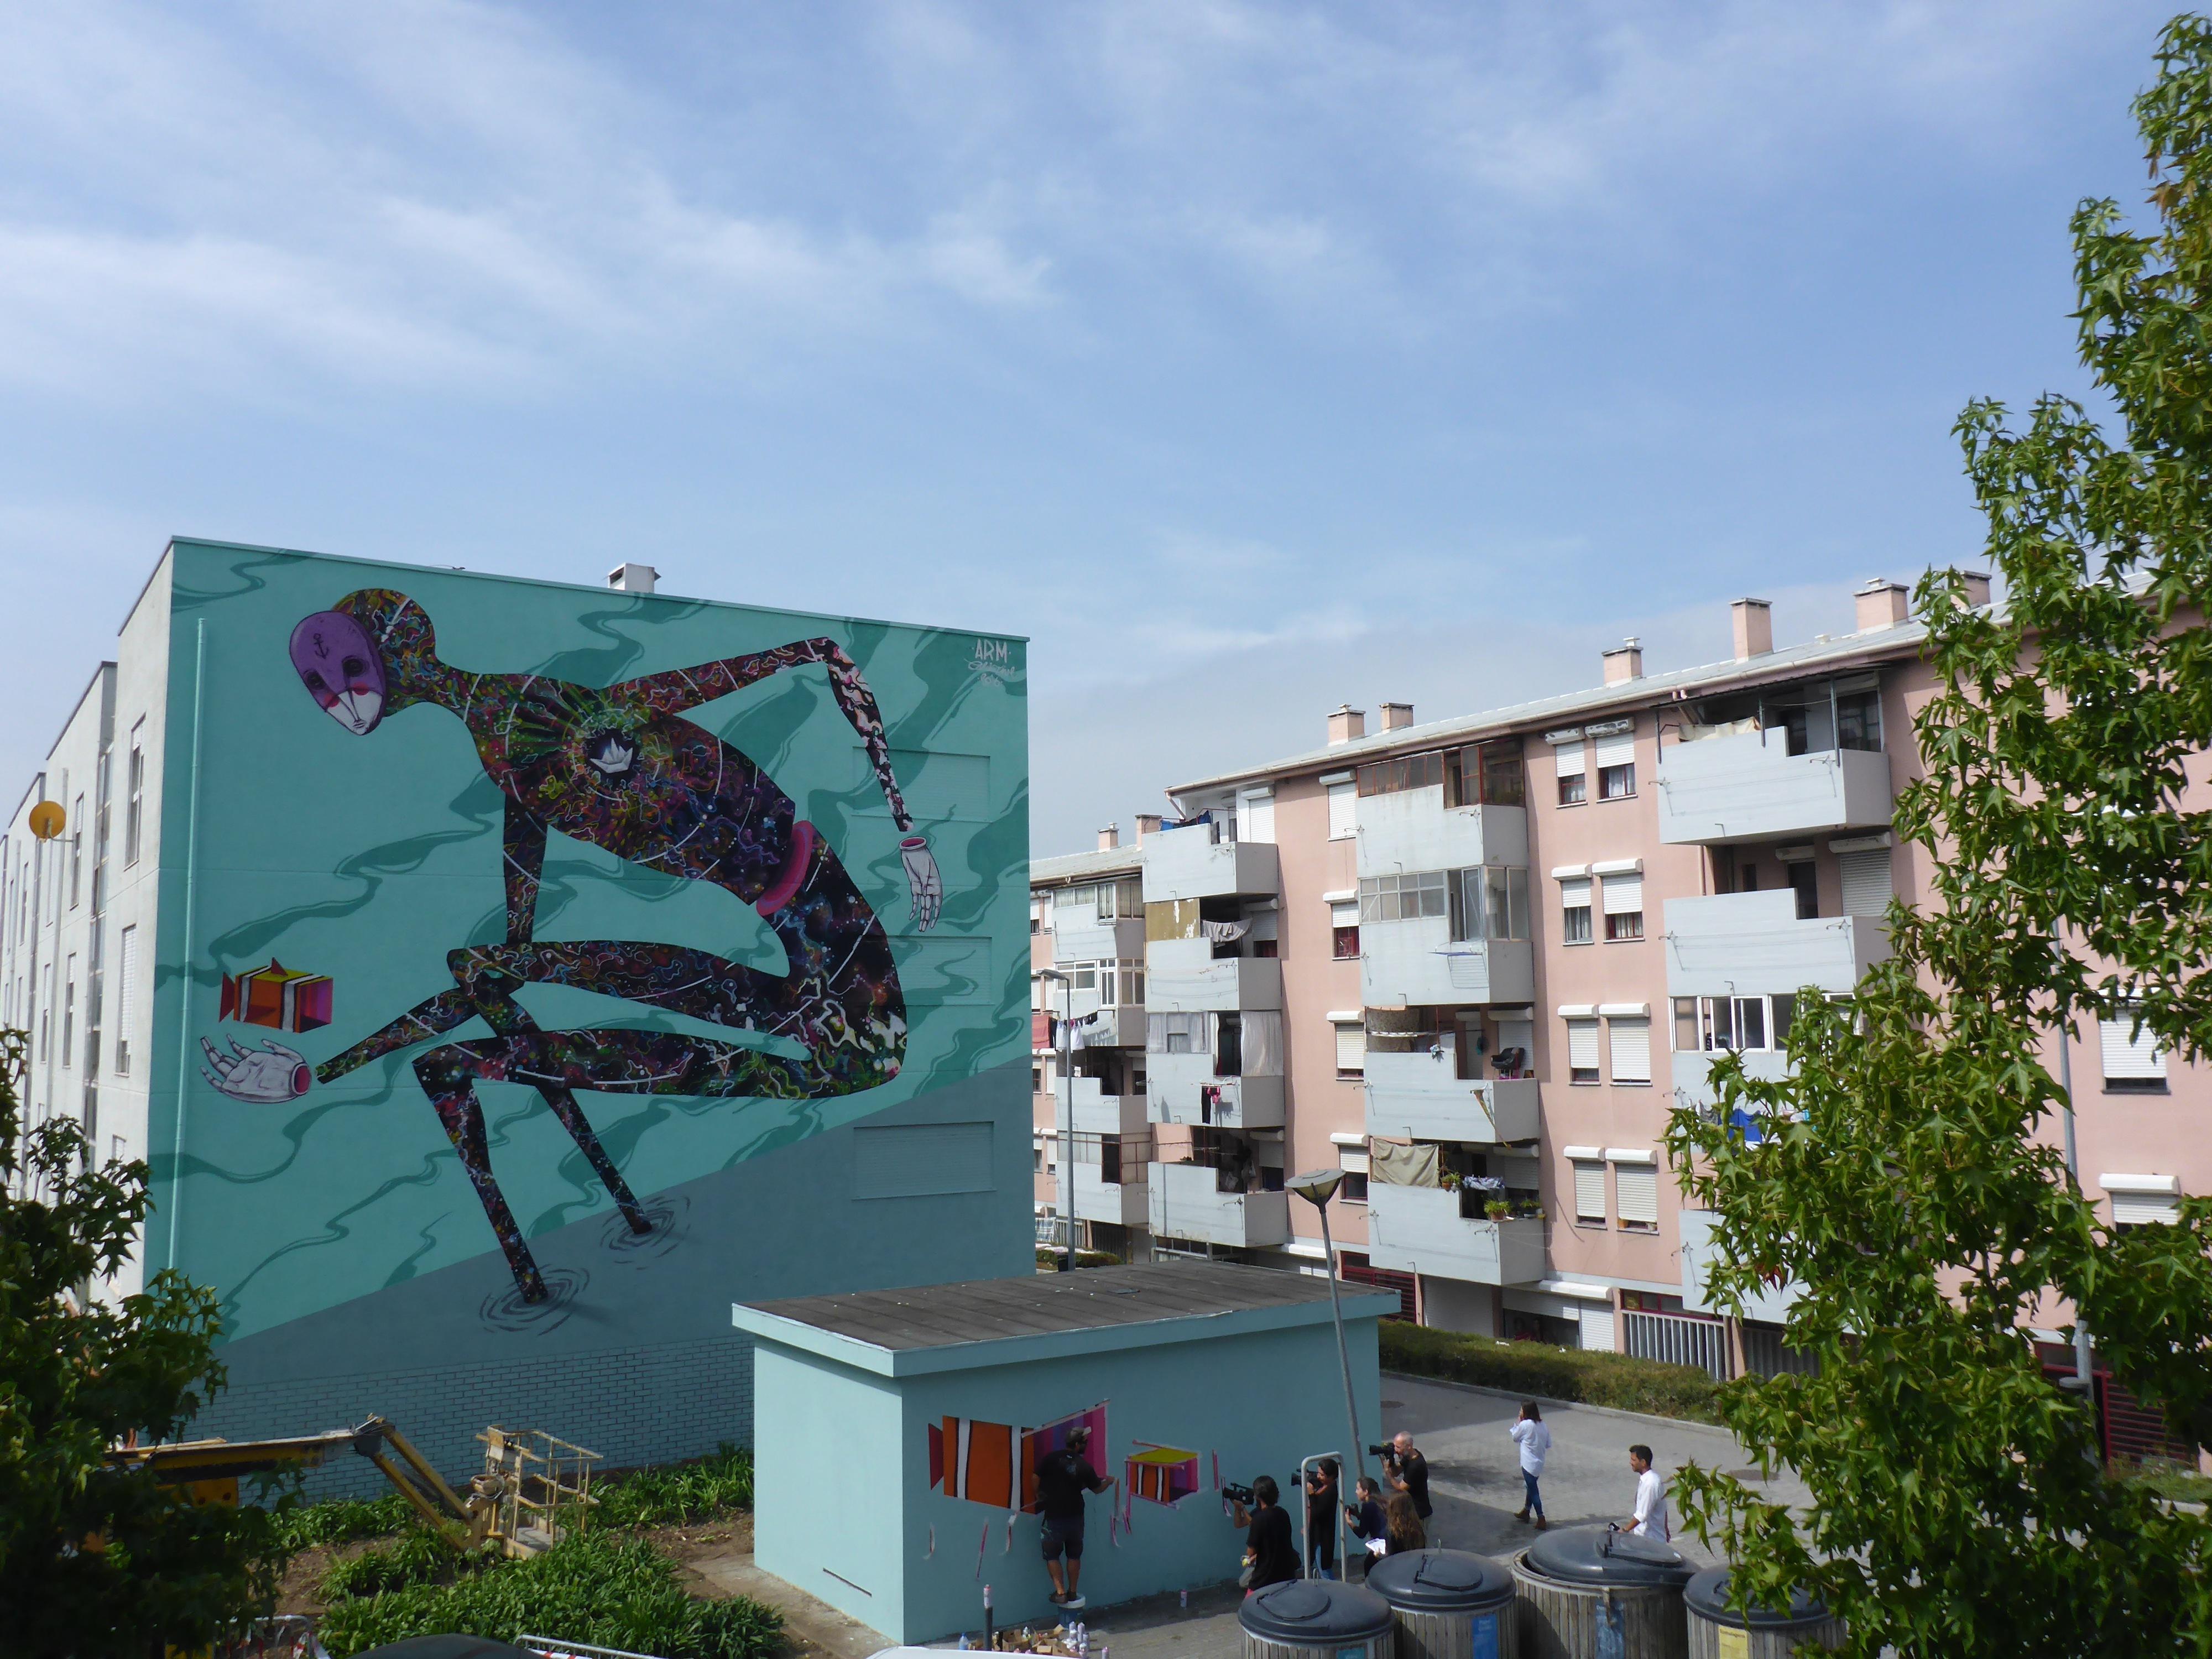 Fomos conhecer a rota de arte urbana de Matosinhos